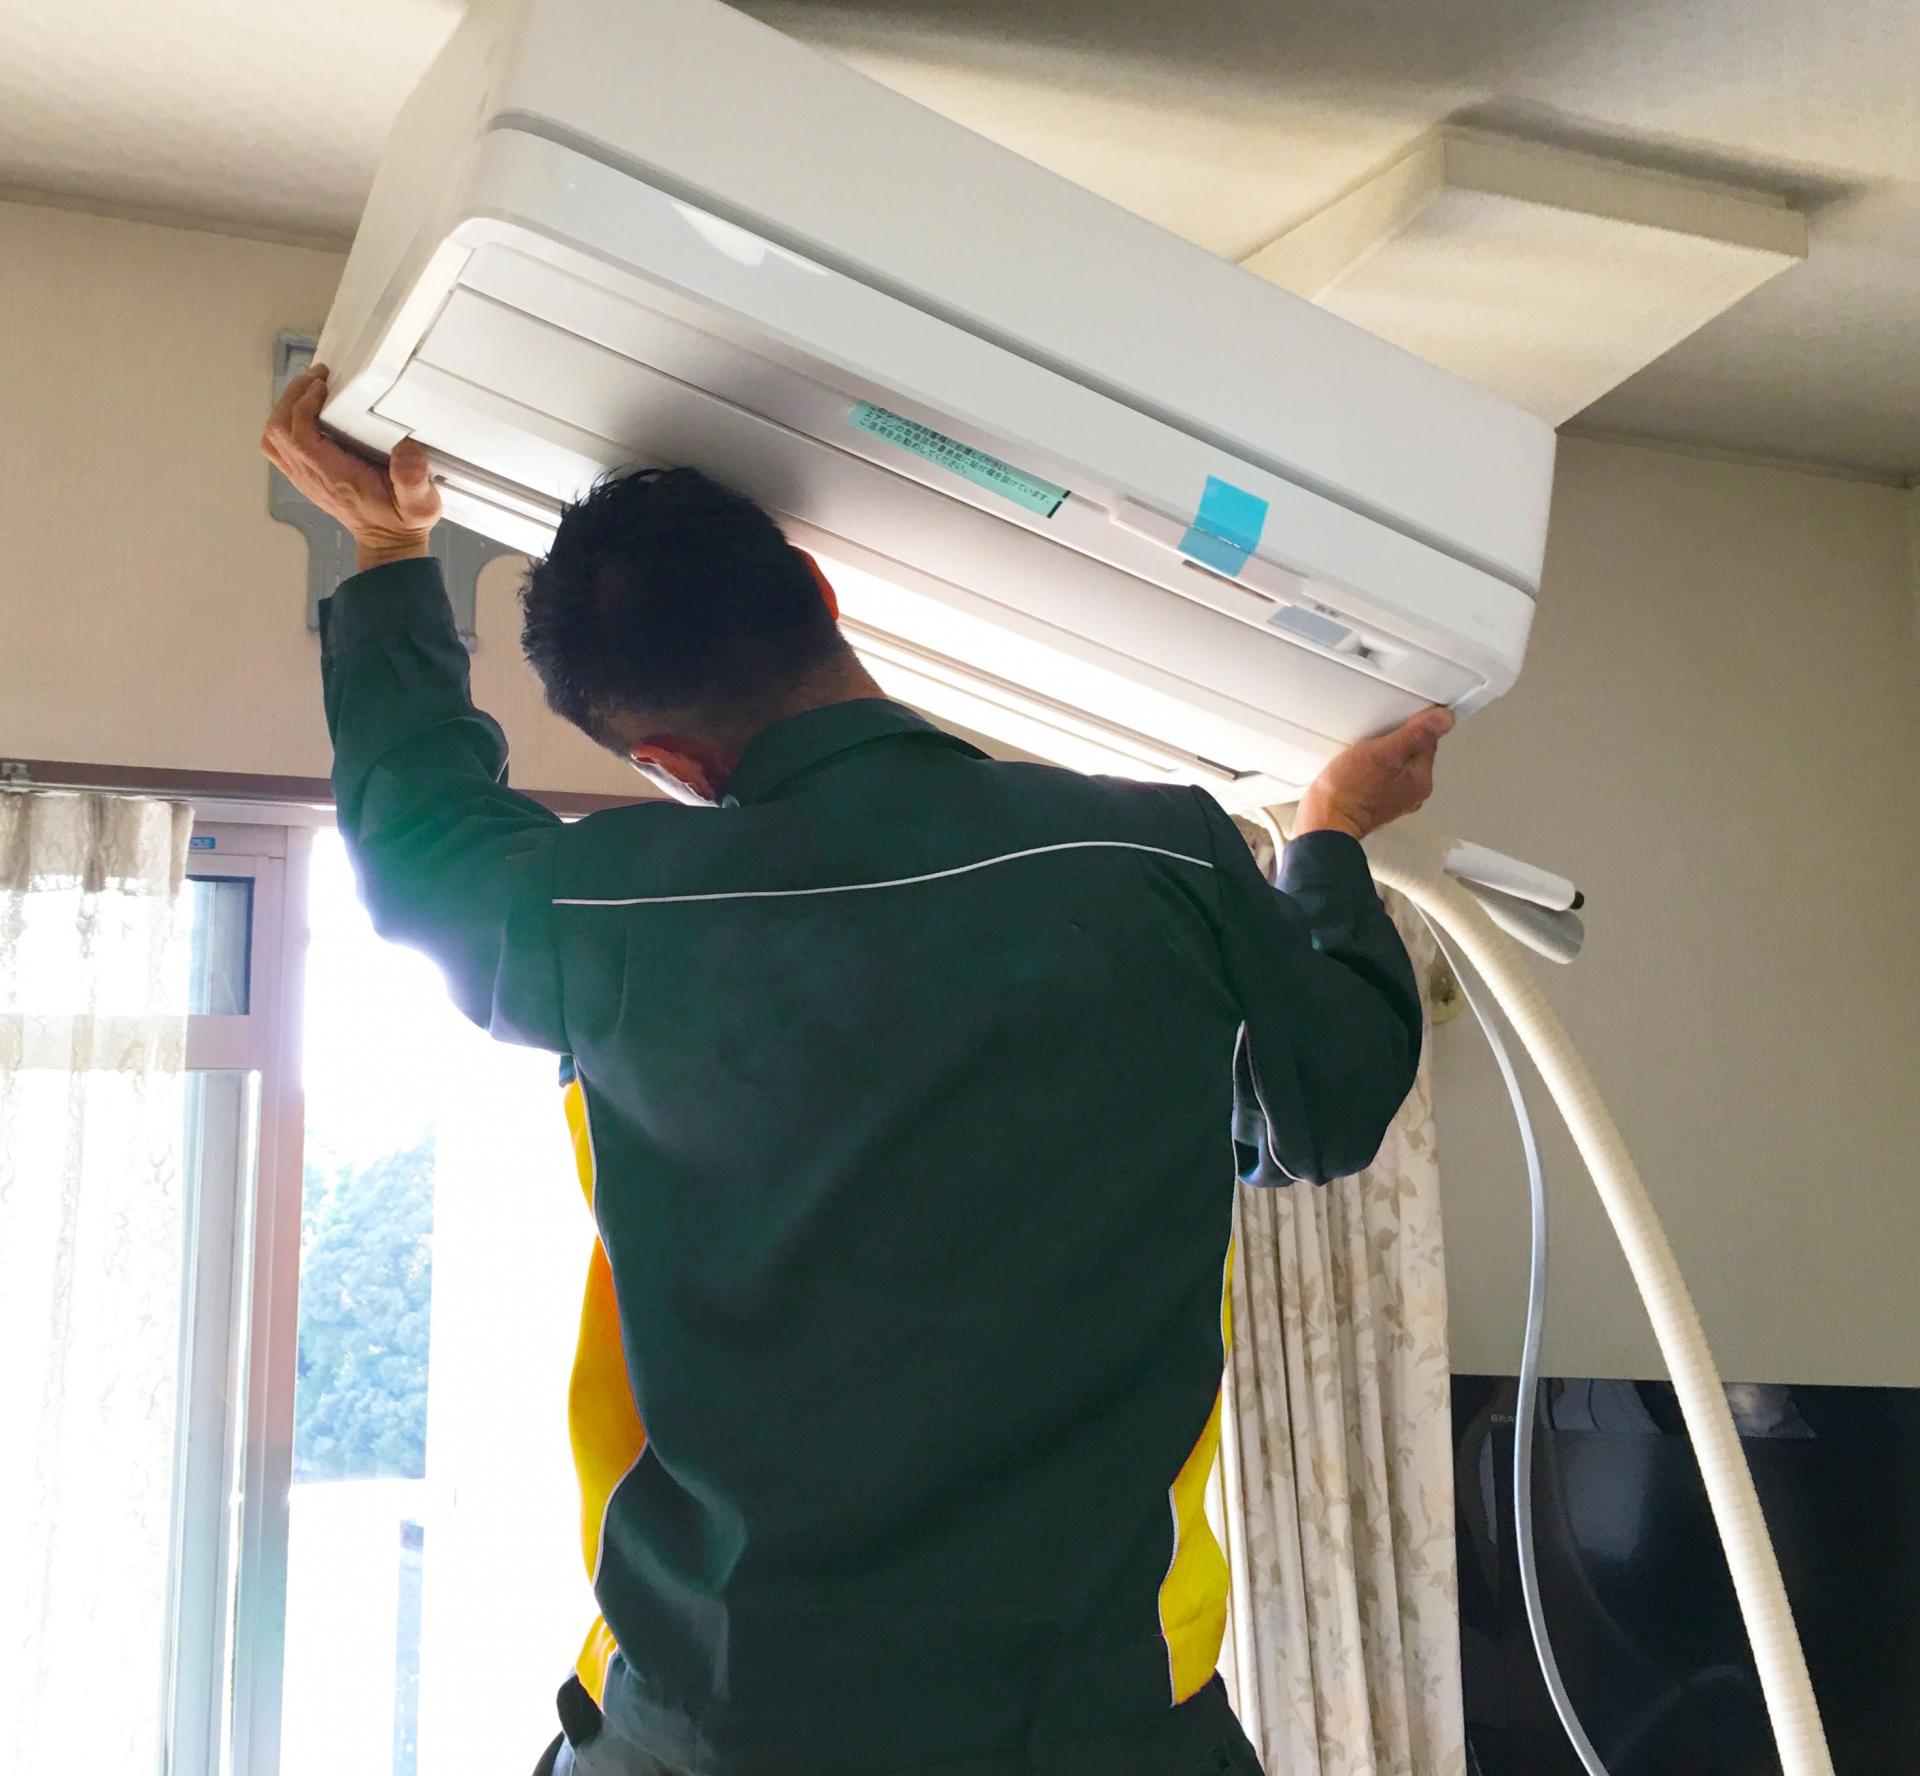 空調設備の仕事がきつい理由。続けるメリットがあるのか詳しく解説。